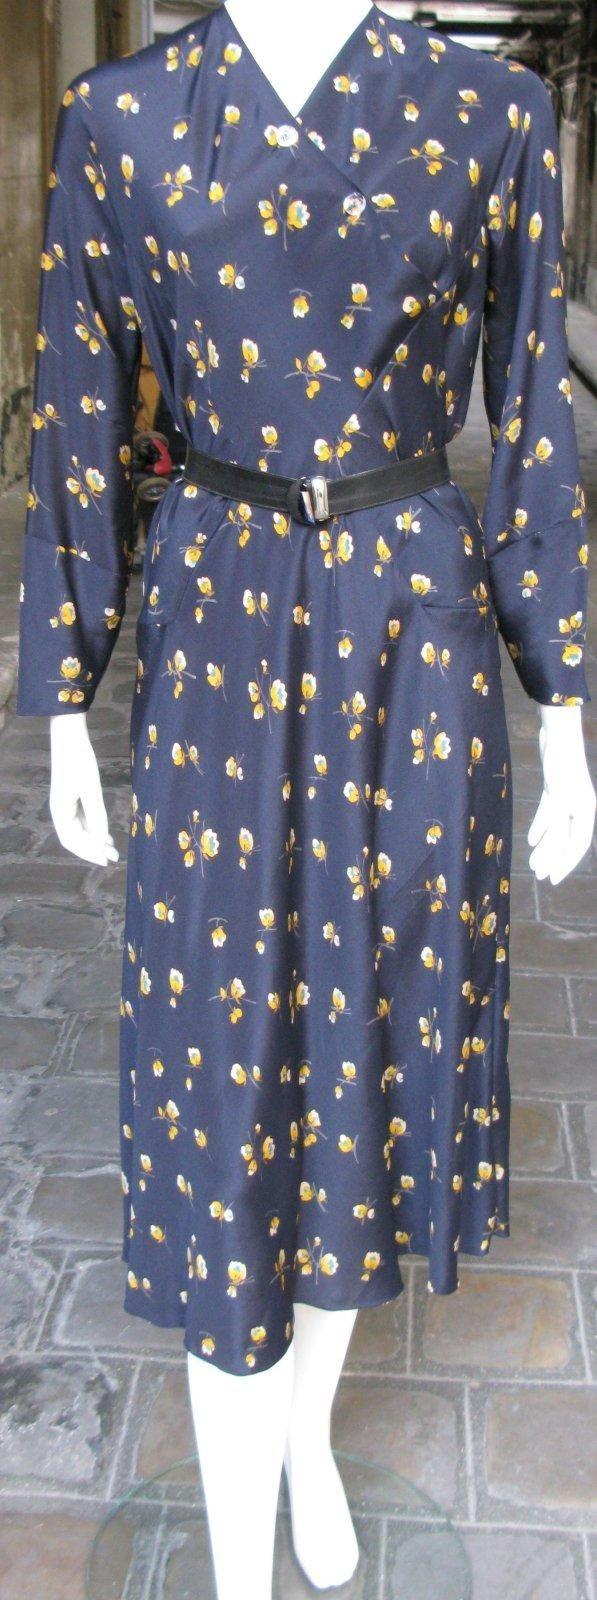 Les 25 meilleures id es de la cat gorie robes d 39 apr s midi sur pinterest for Patron tablier original femme asnieres sur seine